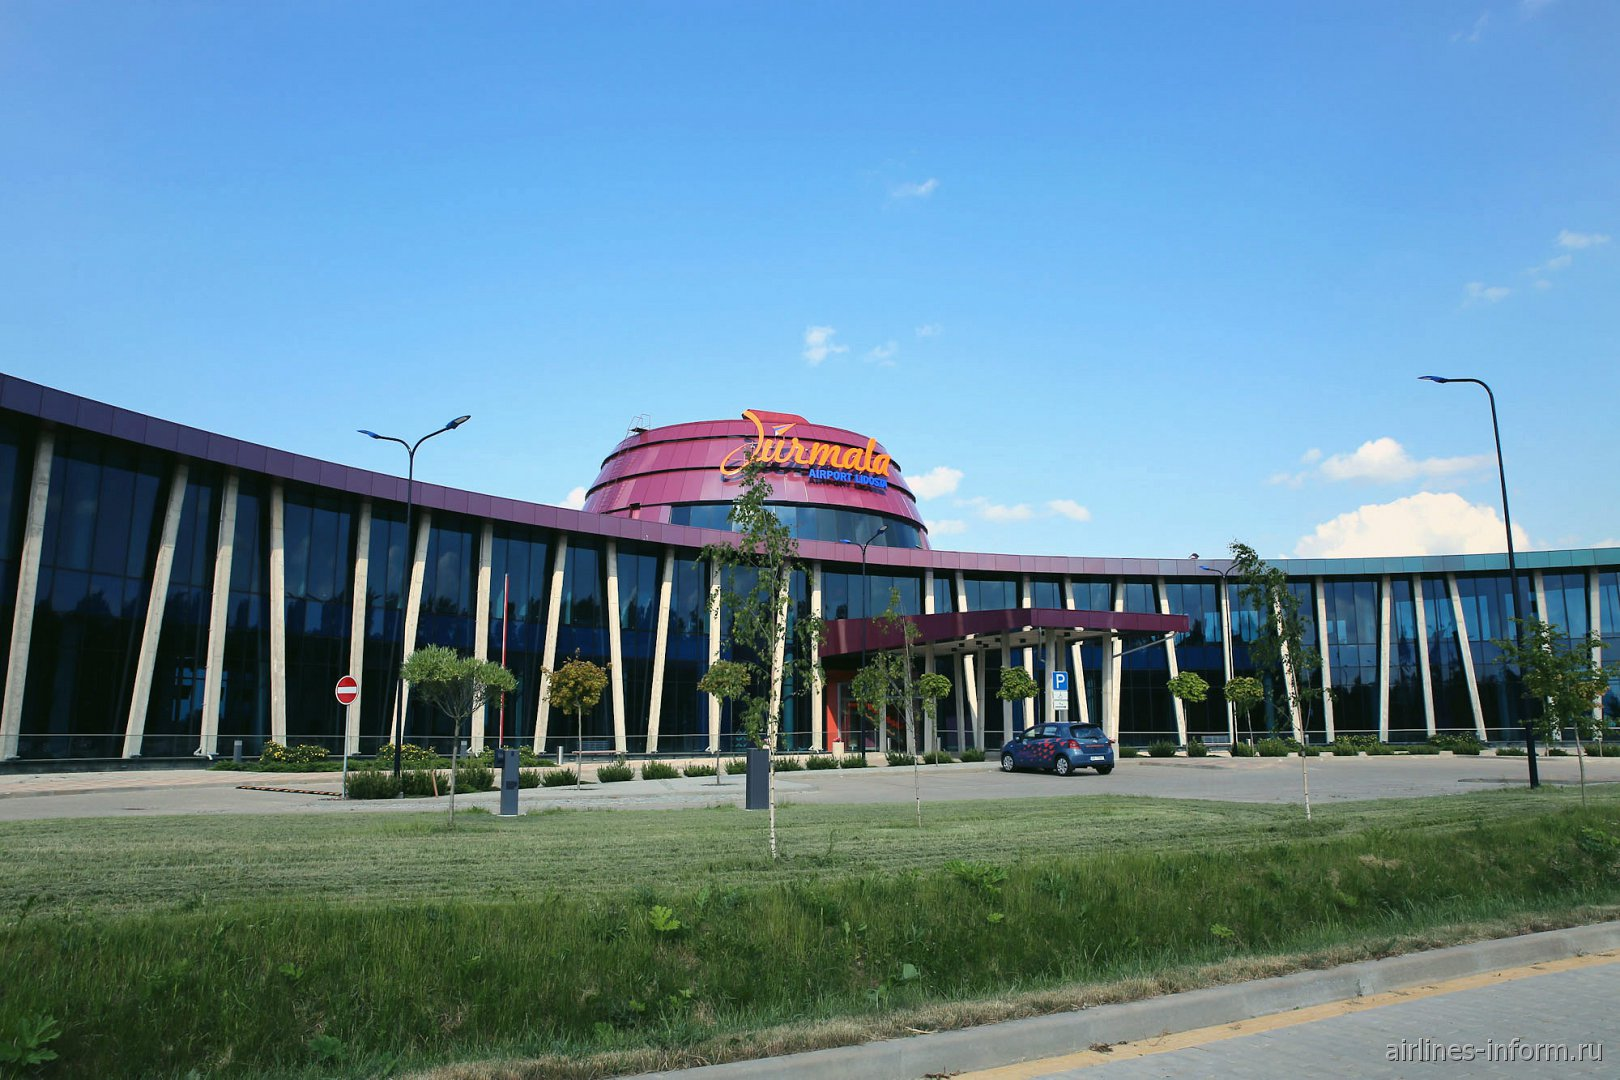 Пассажирский терминал аэропорта Юрмала